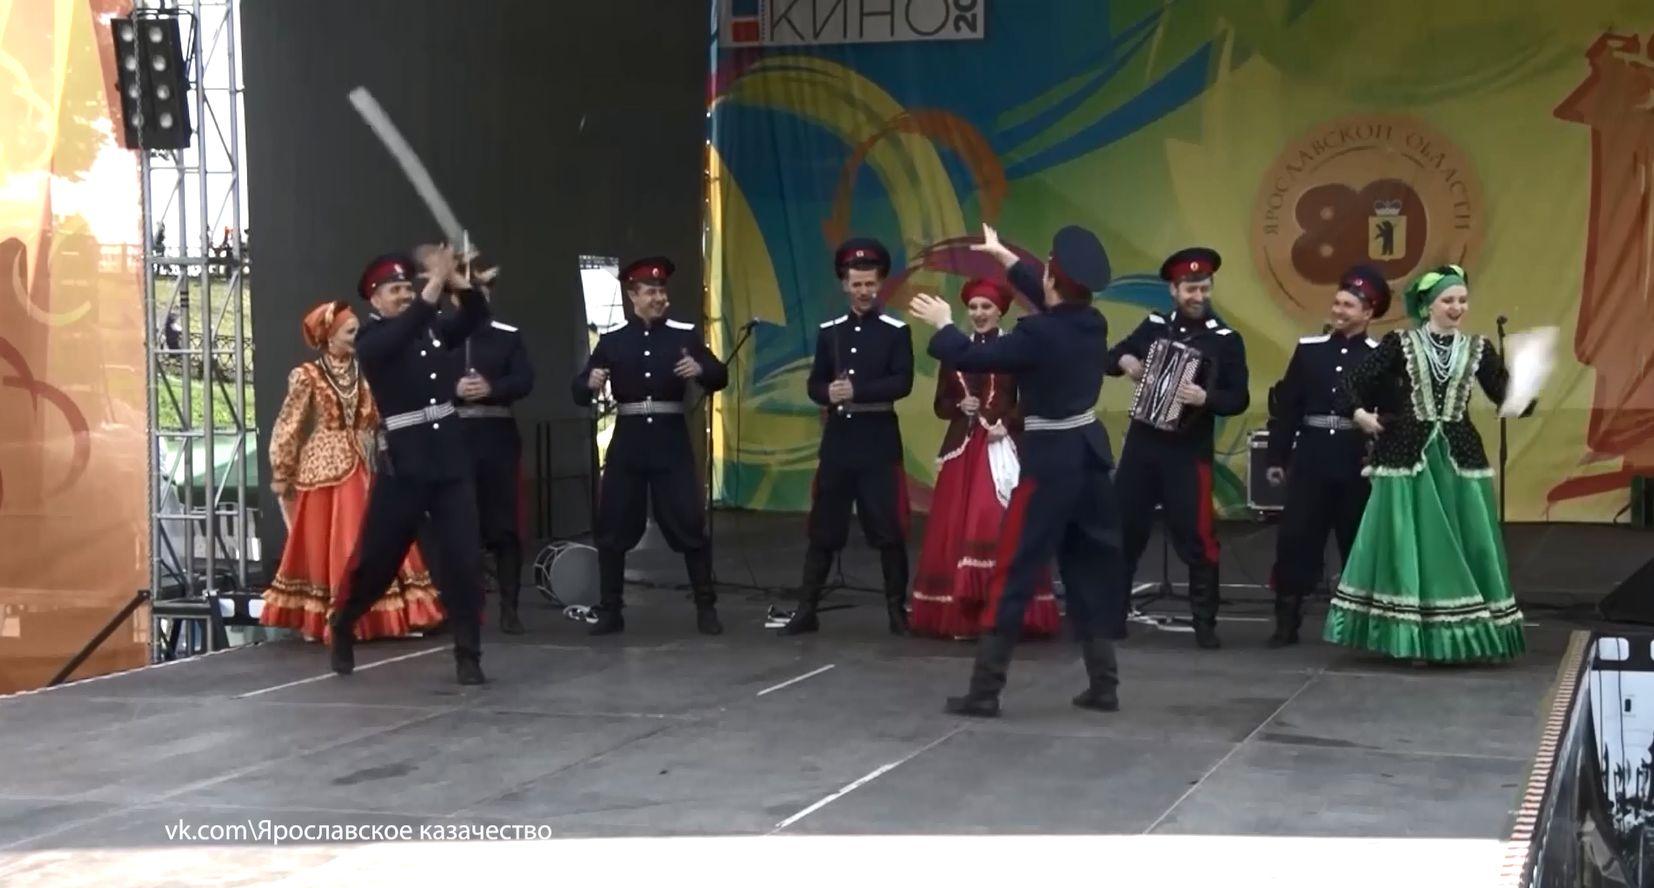 Фестиваль казачьей культуры «Казачий лад и жизненный уклад» ждёт ярославцев и гостей города в «Подзеленье»